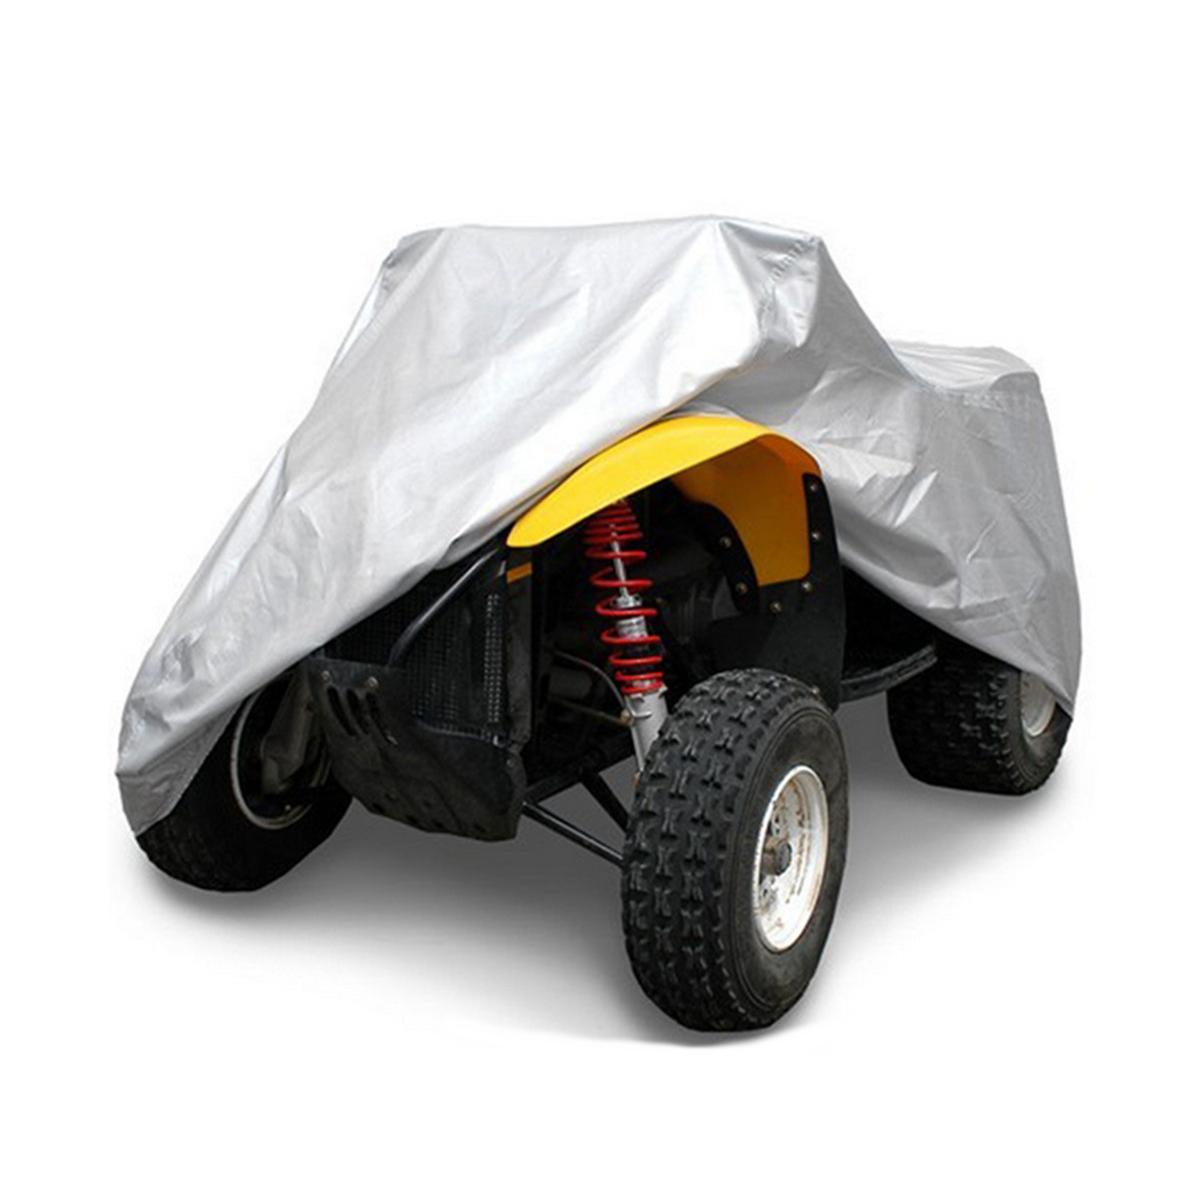 Квадроцикл трактор АТВ чехол анти-уф дождь водонепроницаемый уф теплозащитной XL